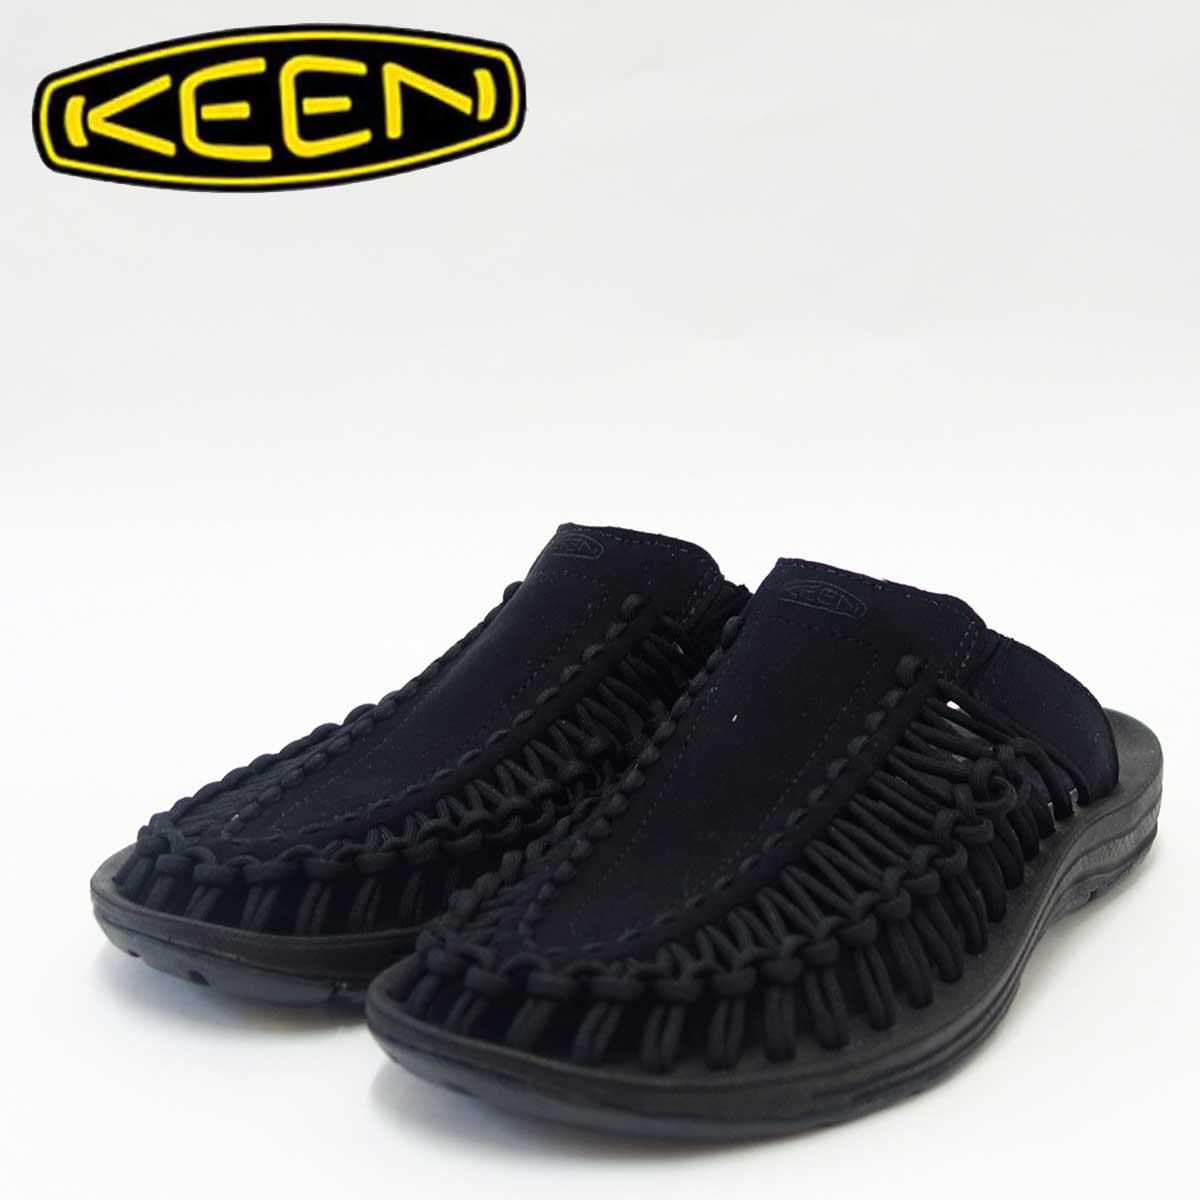 KEEN キーン UNEEK SLIDE(ユニーク スライド) 1017258(レディース)キーン独自のハイブリッドサンダル カラー:Black/Black 「靴」